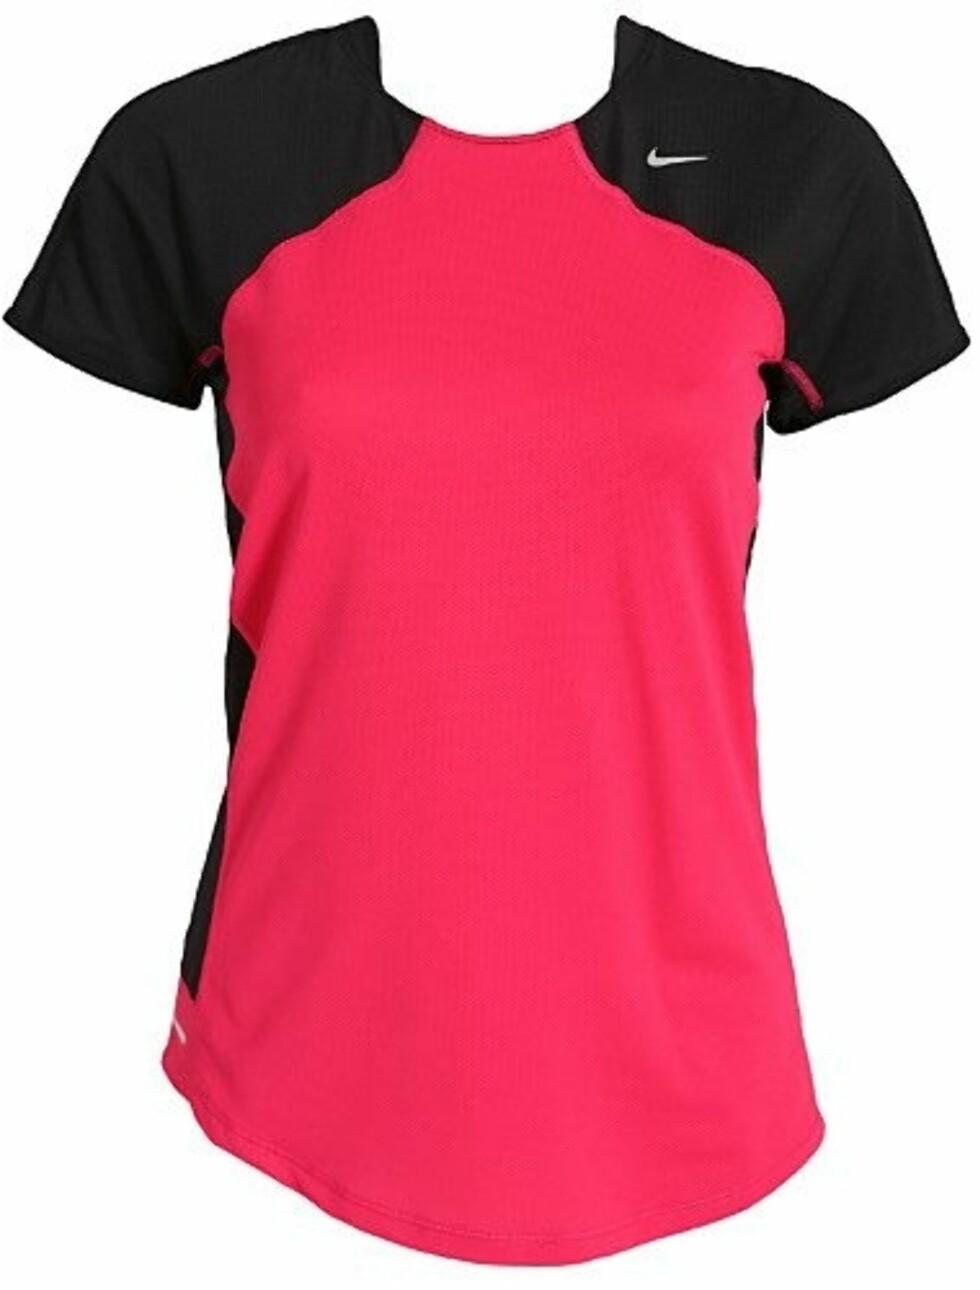 Tøff t-skjorte fra Nike laget av mesh for ventilerende effekt. Fuktighetsabsorberende og avkjølende material som holder deg tørr og komfortabel under trening. 299 kroner fra Nelly.com.  Foto: Produsenten